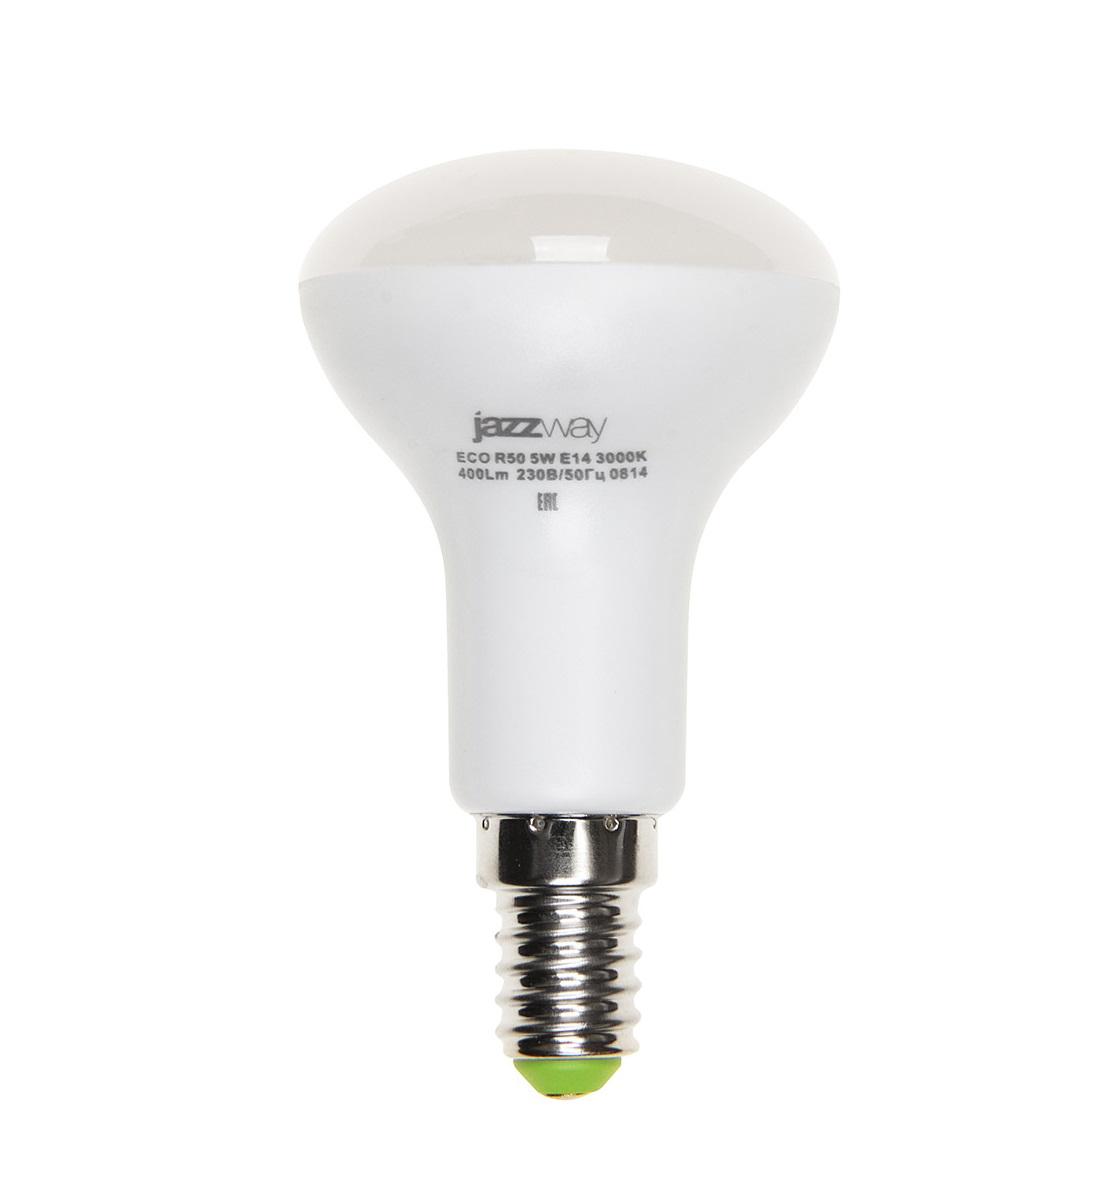 Лампа светодиодная JazzwayЛампы<br>Тип лампы: светодиодная,<br>Форма лампы: груша,<br>Цвет колбы: белая,<br>Тип цоколя: Е14,<br>Напряжение: 220,<br>Мощность: 5,<br>Цветовая температура: 3000,<br>Цвет свечения: нейтральный<br>